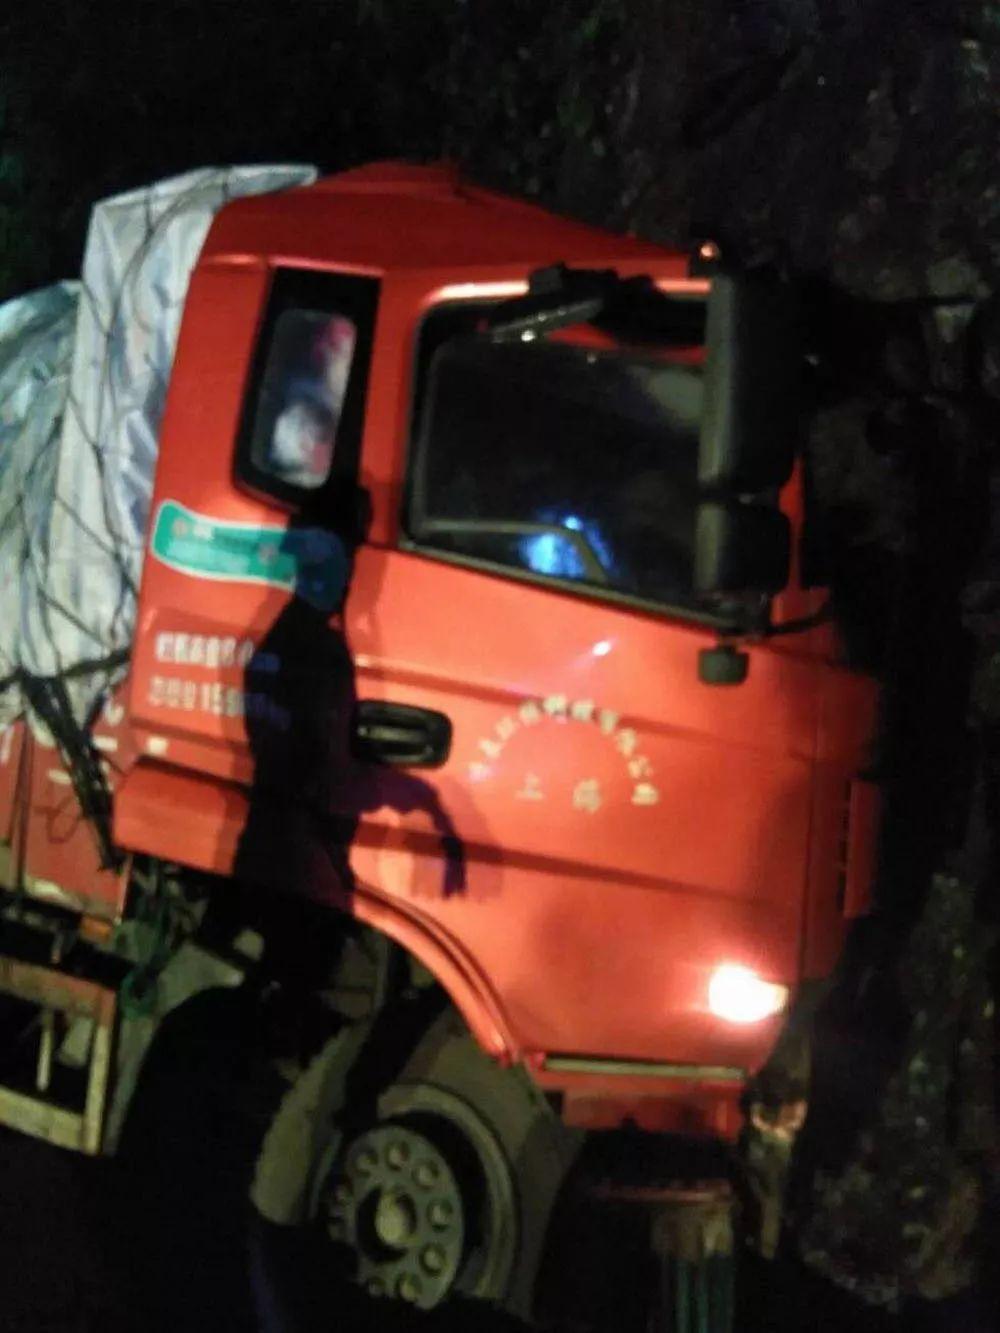 凌晨,丽水一汽车撞上山壁,车头变形,驾驶员被卡车内……